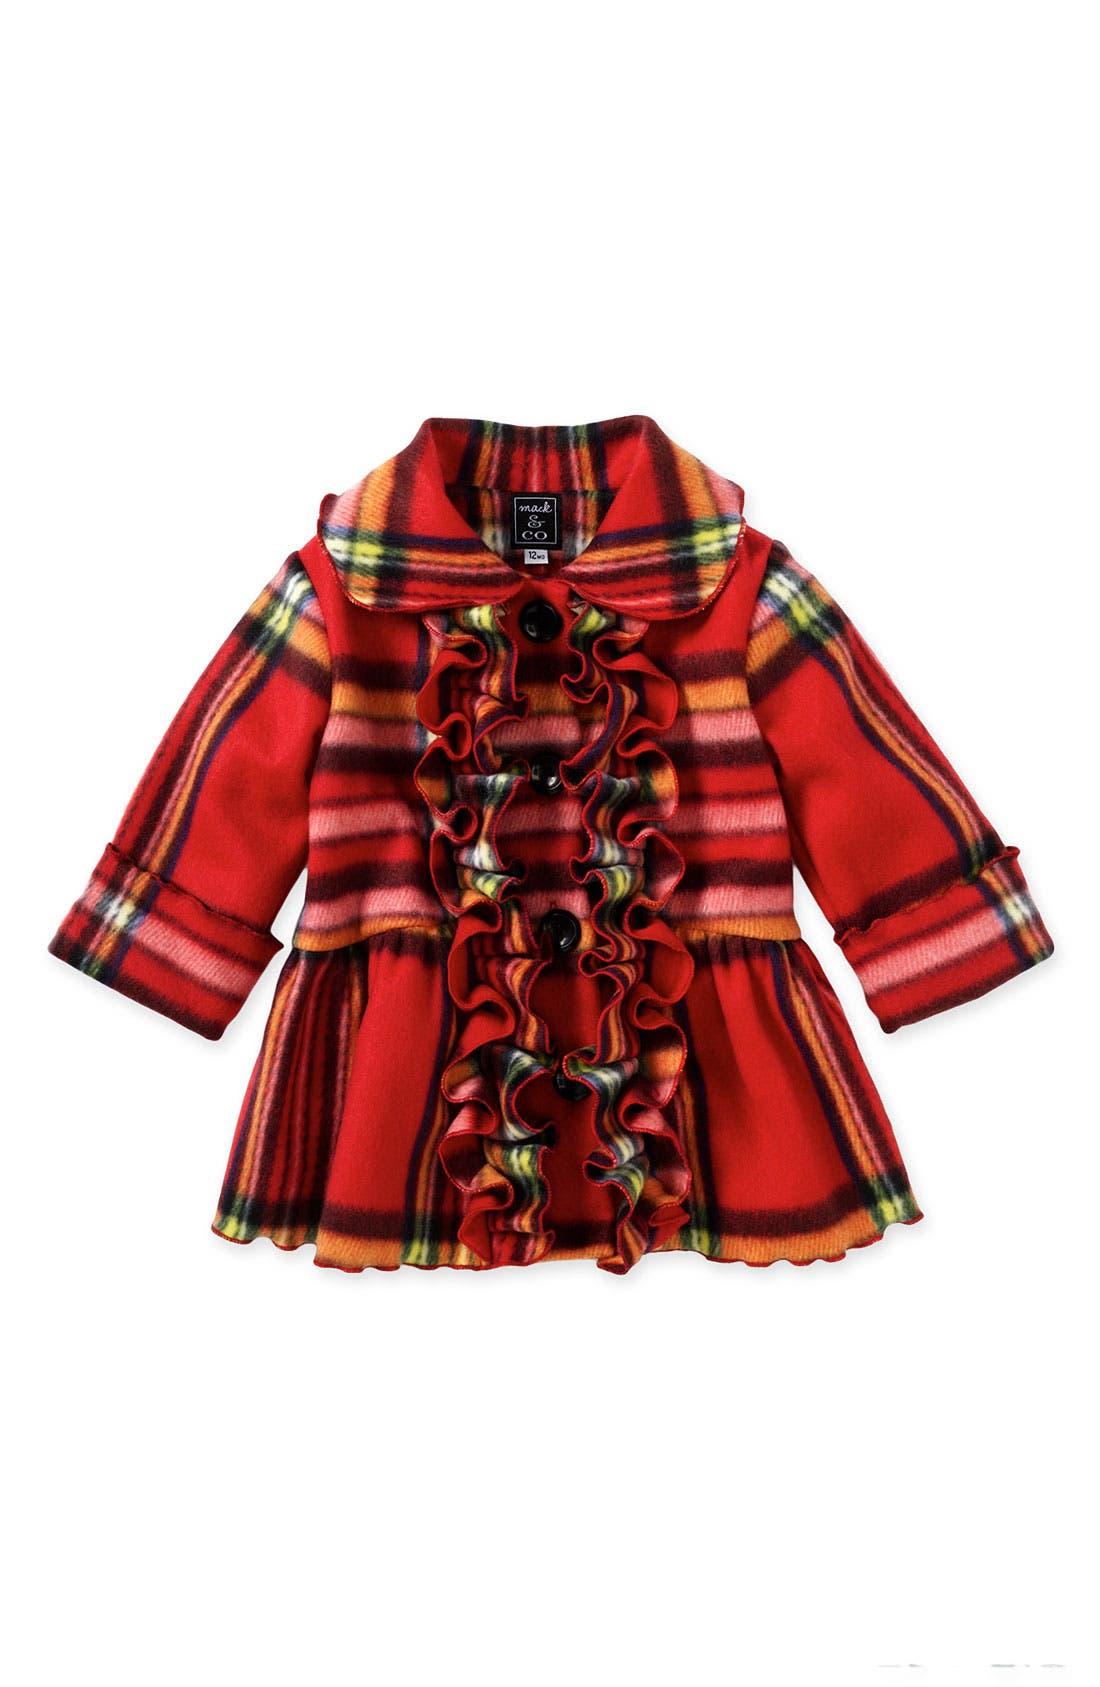 Main Image - Mack & Co. Ruffle Front Coat (Infant)